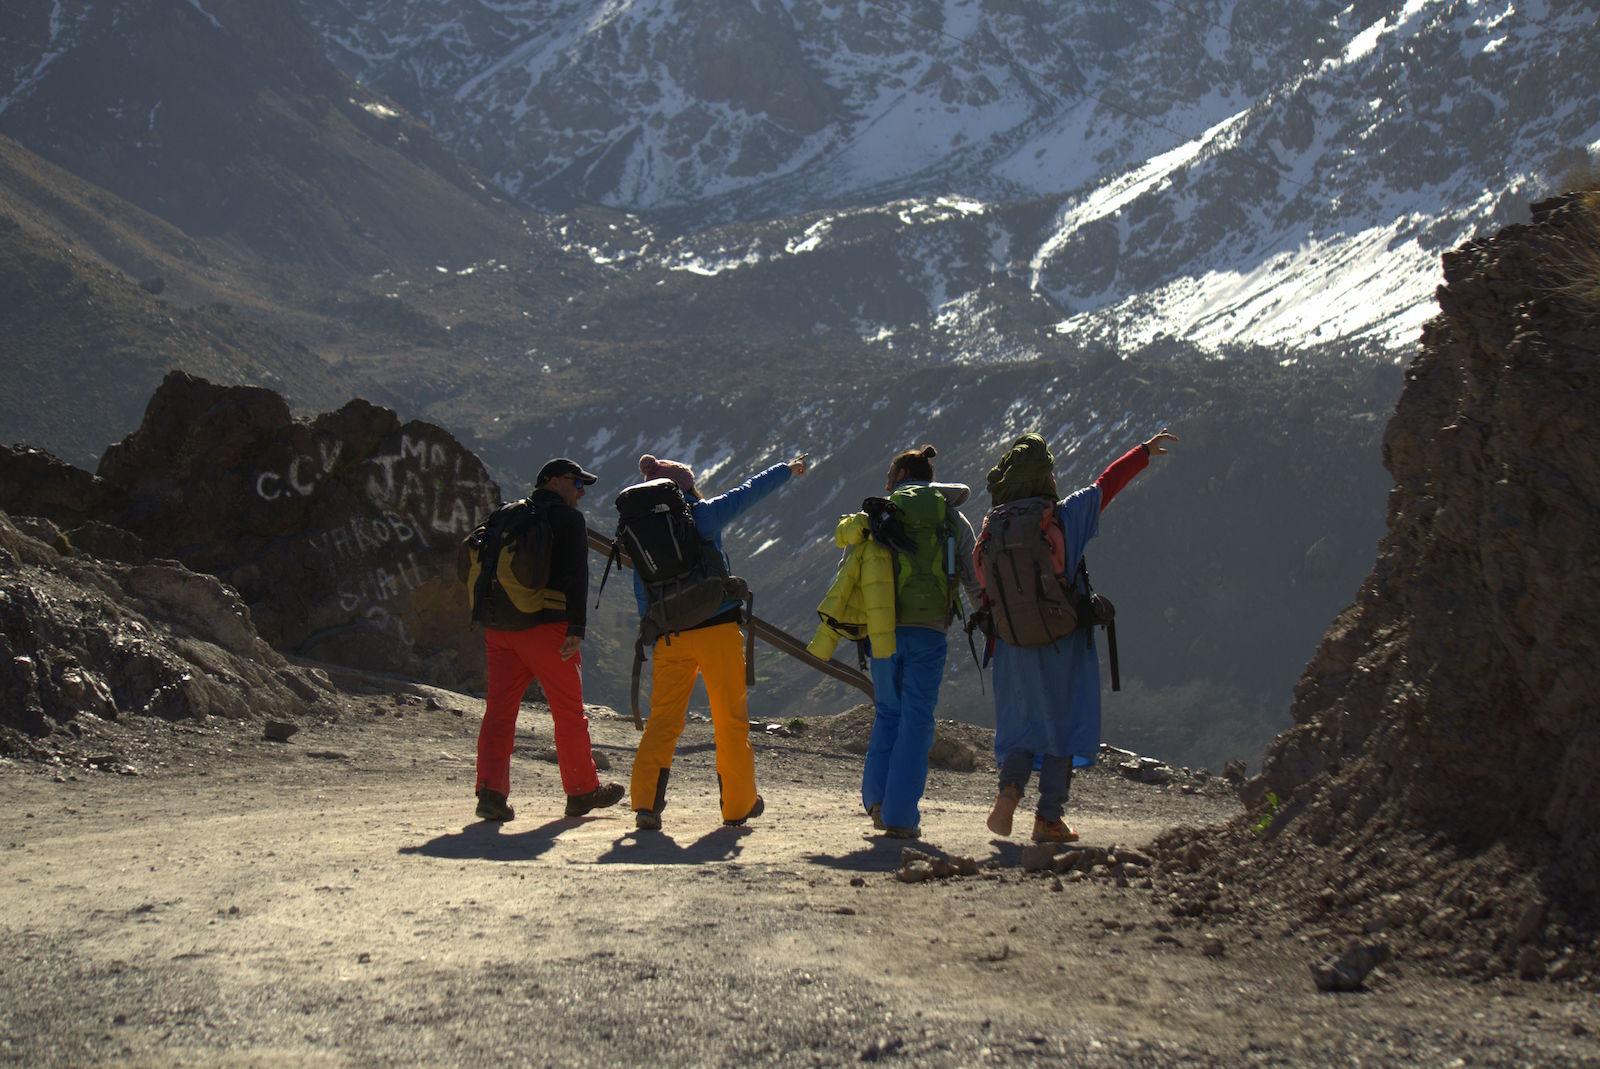 نبض المغامرة في تسلق جبل توبقال